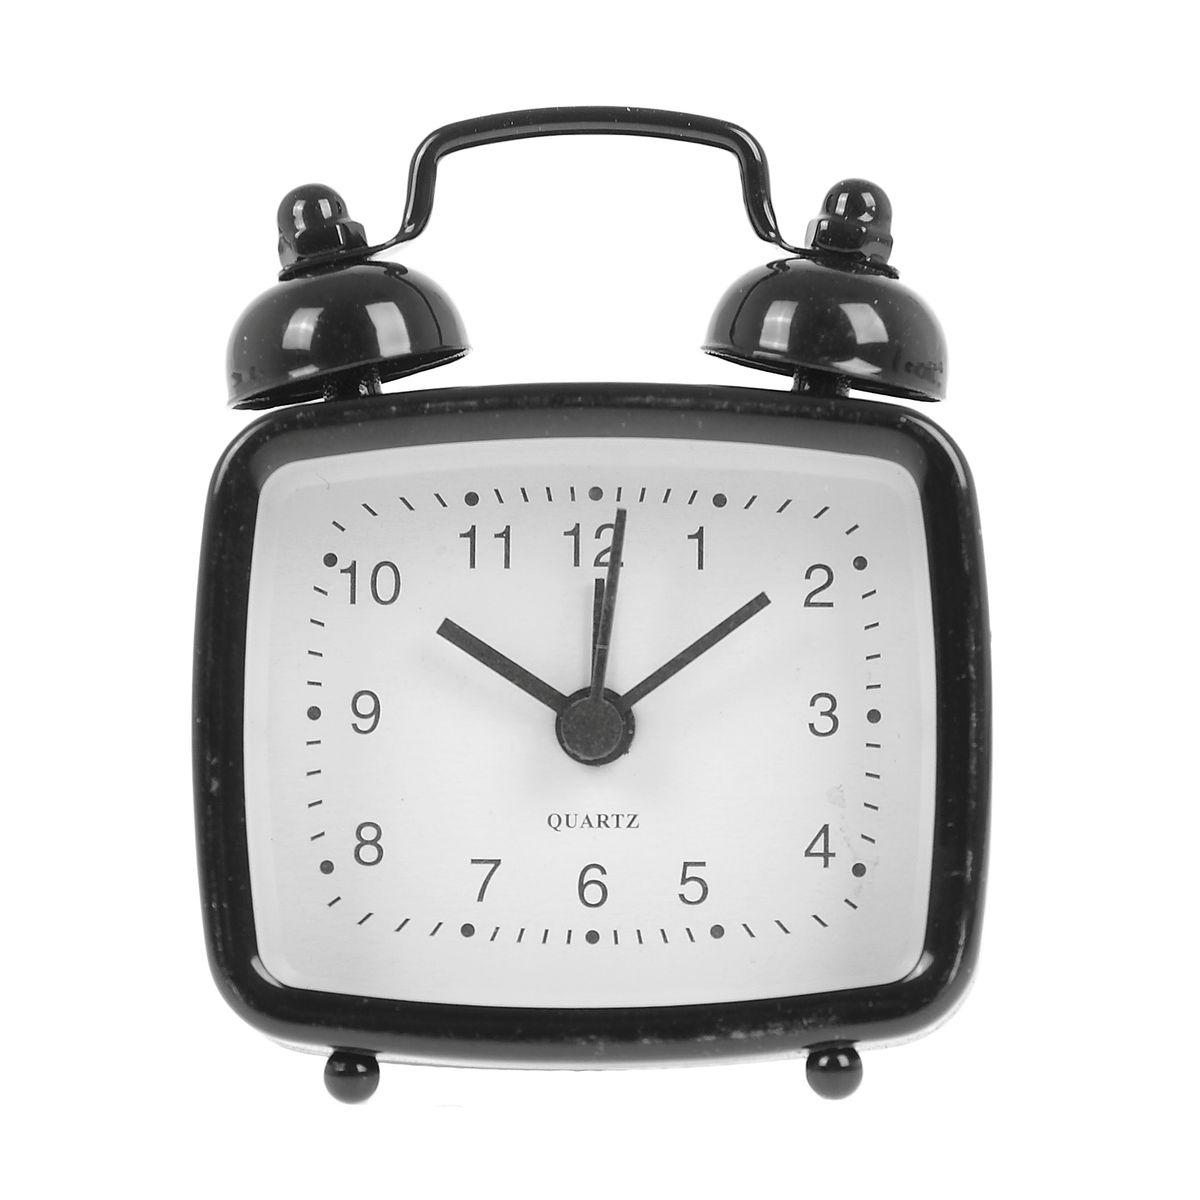 Часы-будильник Sima-land, цвет: черный. 840944840944Как же сложно иногда вставать вовремя! Всегда так хочется поспать еще хотя бы 5 минут и бывает, что мы просыпаем. Теперь этого не случится! Яркий, оригинальный будильник Sima-land поможет вам всегда вставать в нужное время и успевать везде и всюду. Будильник украсит вашу комнату и приведет в восхищение друзей. Эта уменьшенная версия привычного будильника умещается на ладони и работает так же громко, как и привычные аналоги. Время показывает точно и будит в установленный час. На задней панели будильника расположены переключатель включения/выключения механизма, а также два колесика для настройки текущего времени и времени звонка будильника. Будильник работает от 1 батарейки типа LR44 (входит в комплект).